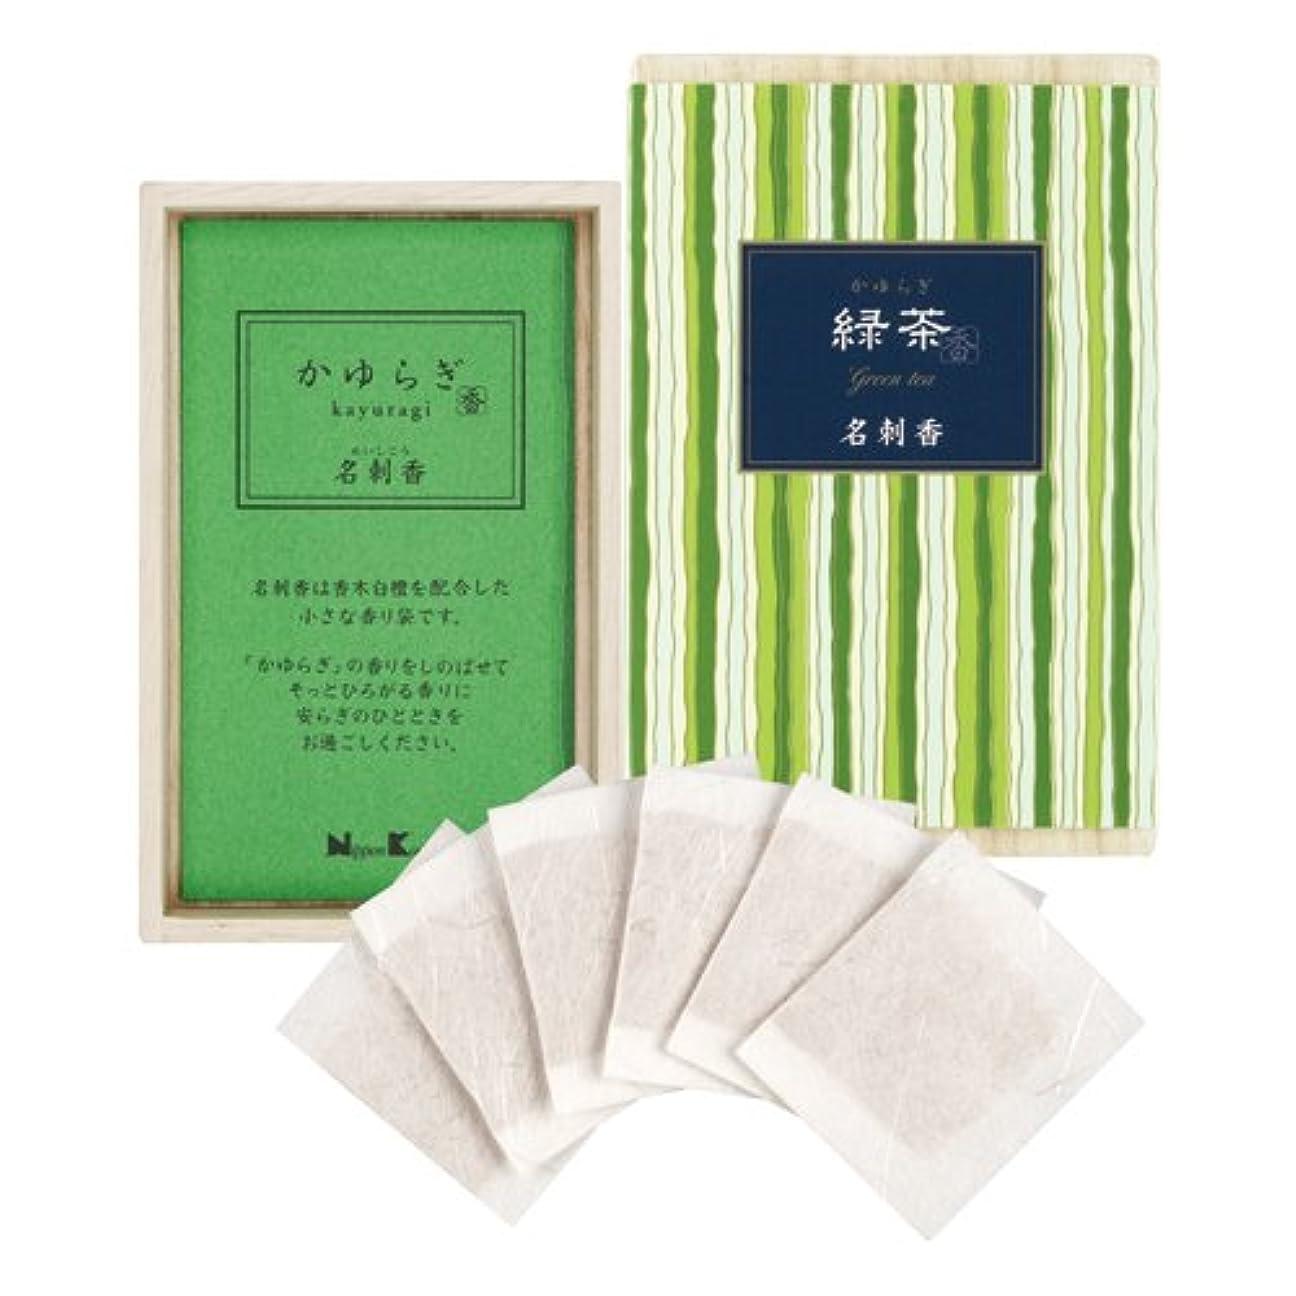 溶けるロードされた商標かゆらぎ 緑茶 名刺香 桐箱 6入